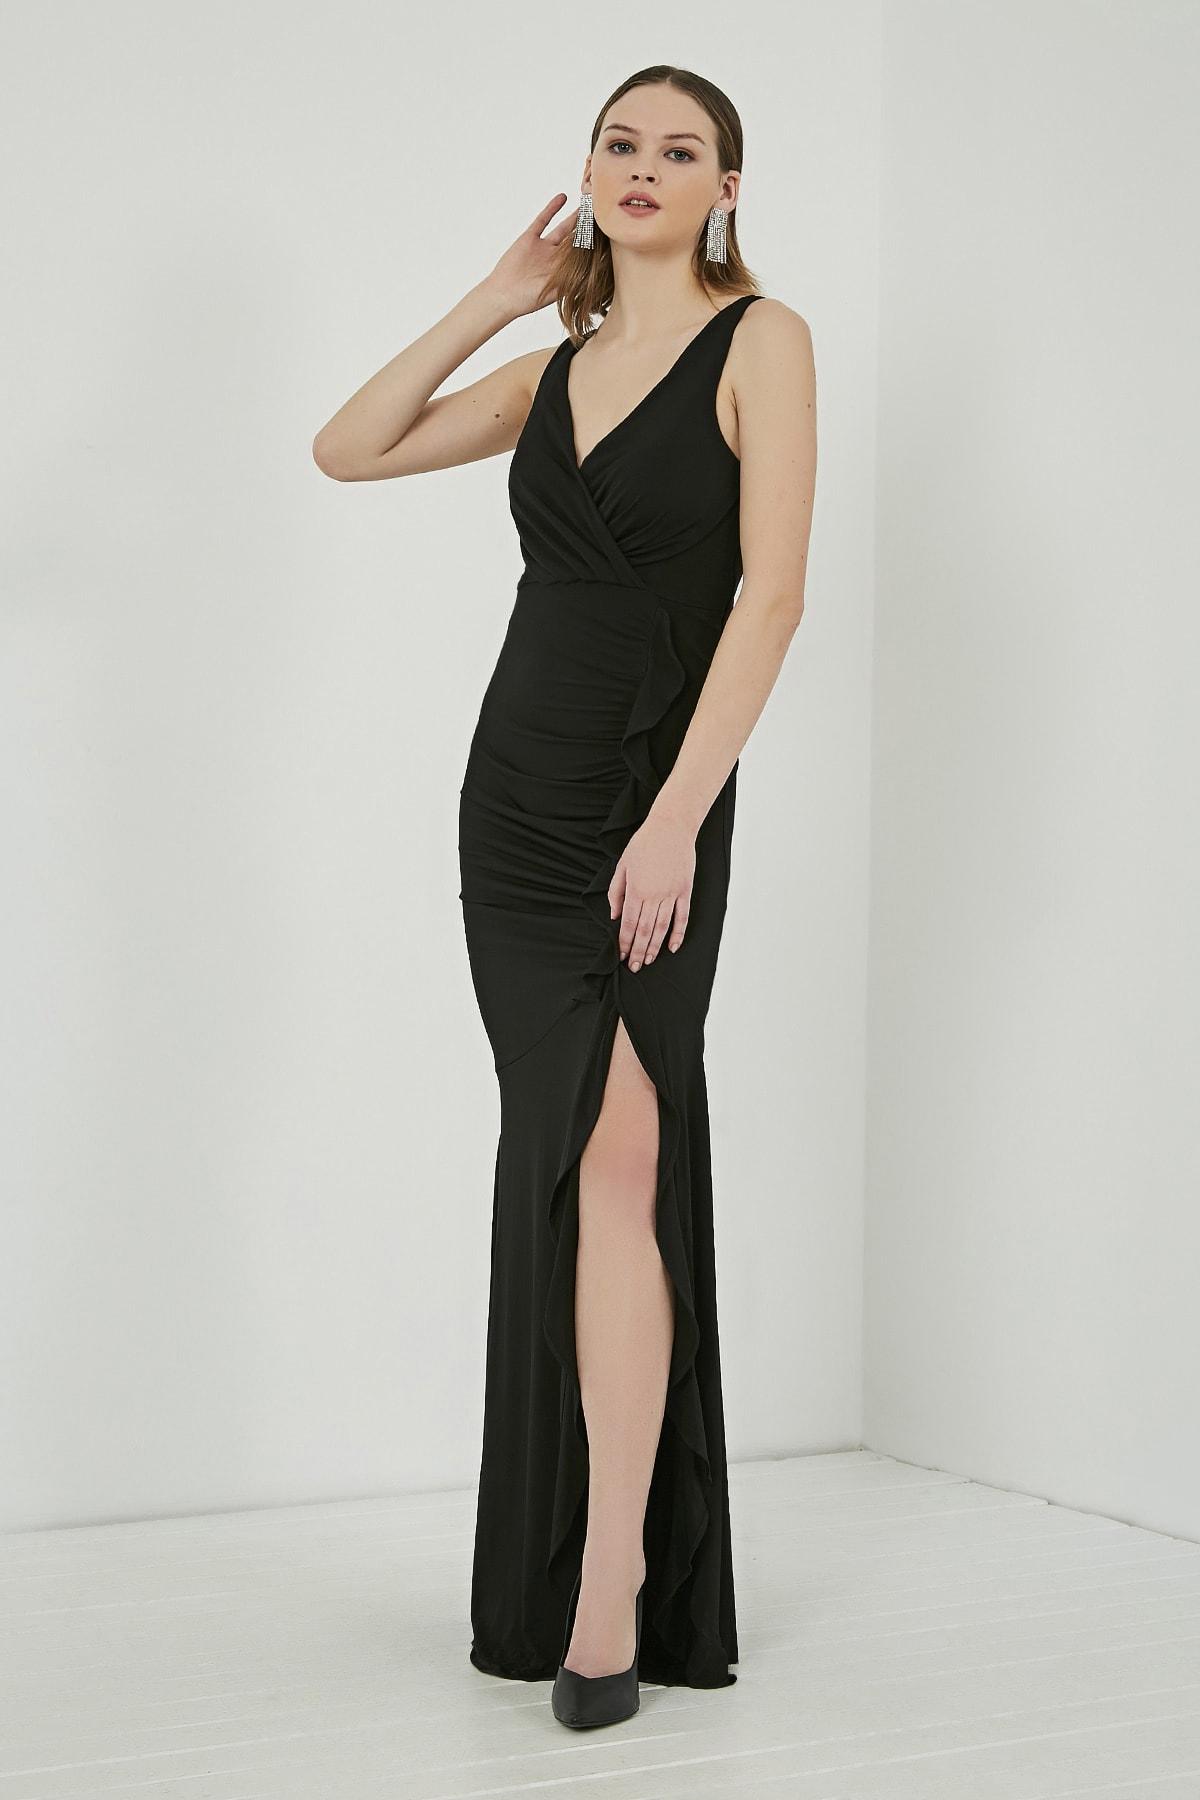 Sateen Kadın Siyah Fırfırlı Yırtmaçlı Uzun Abiye Elbise  STN107KEL120 2